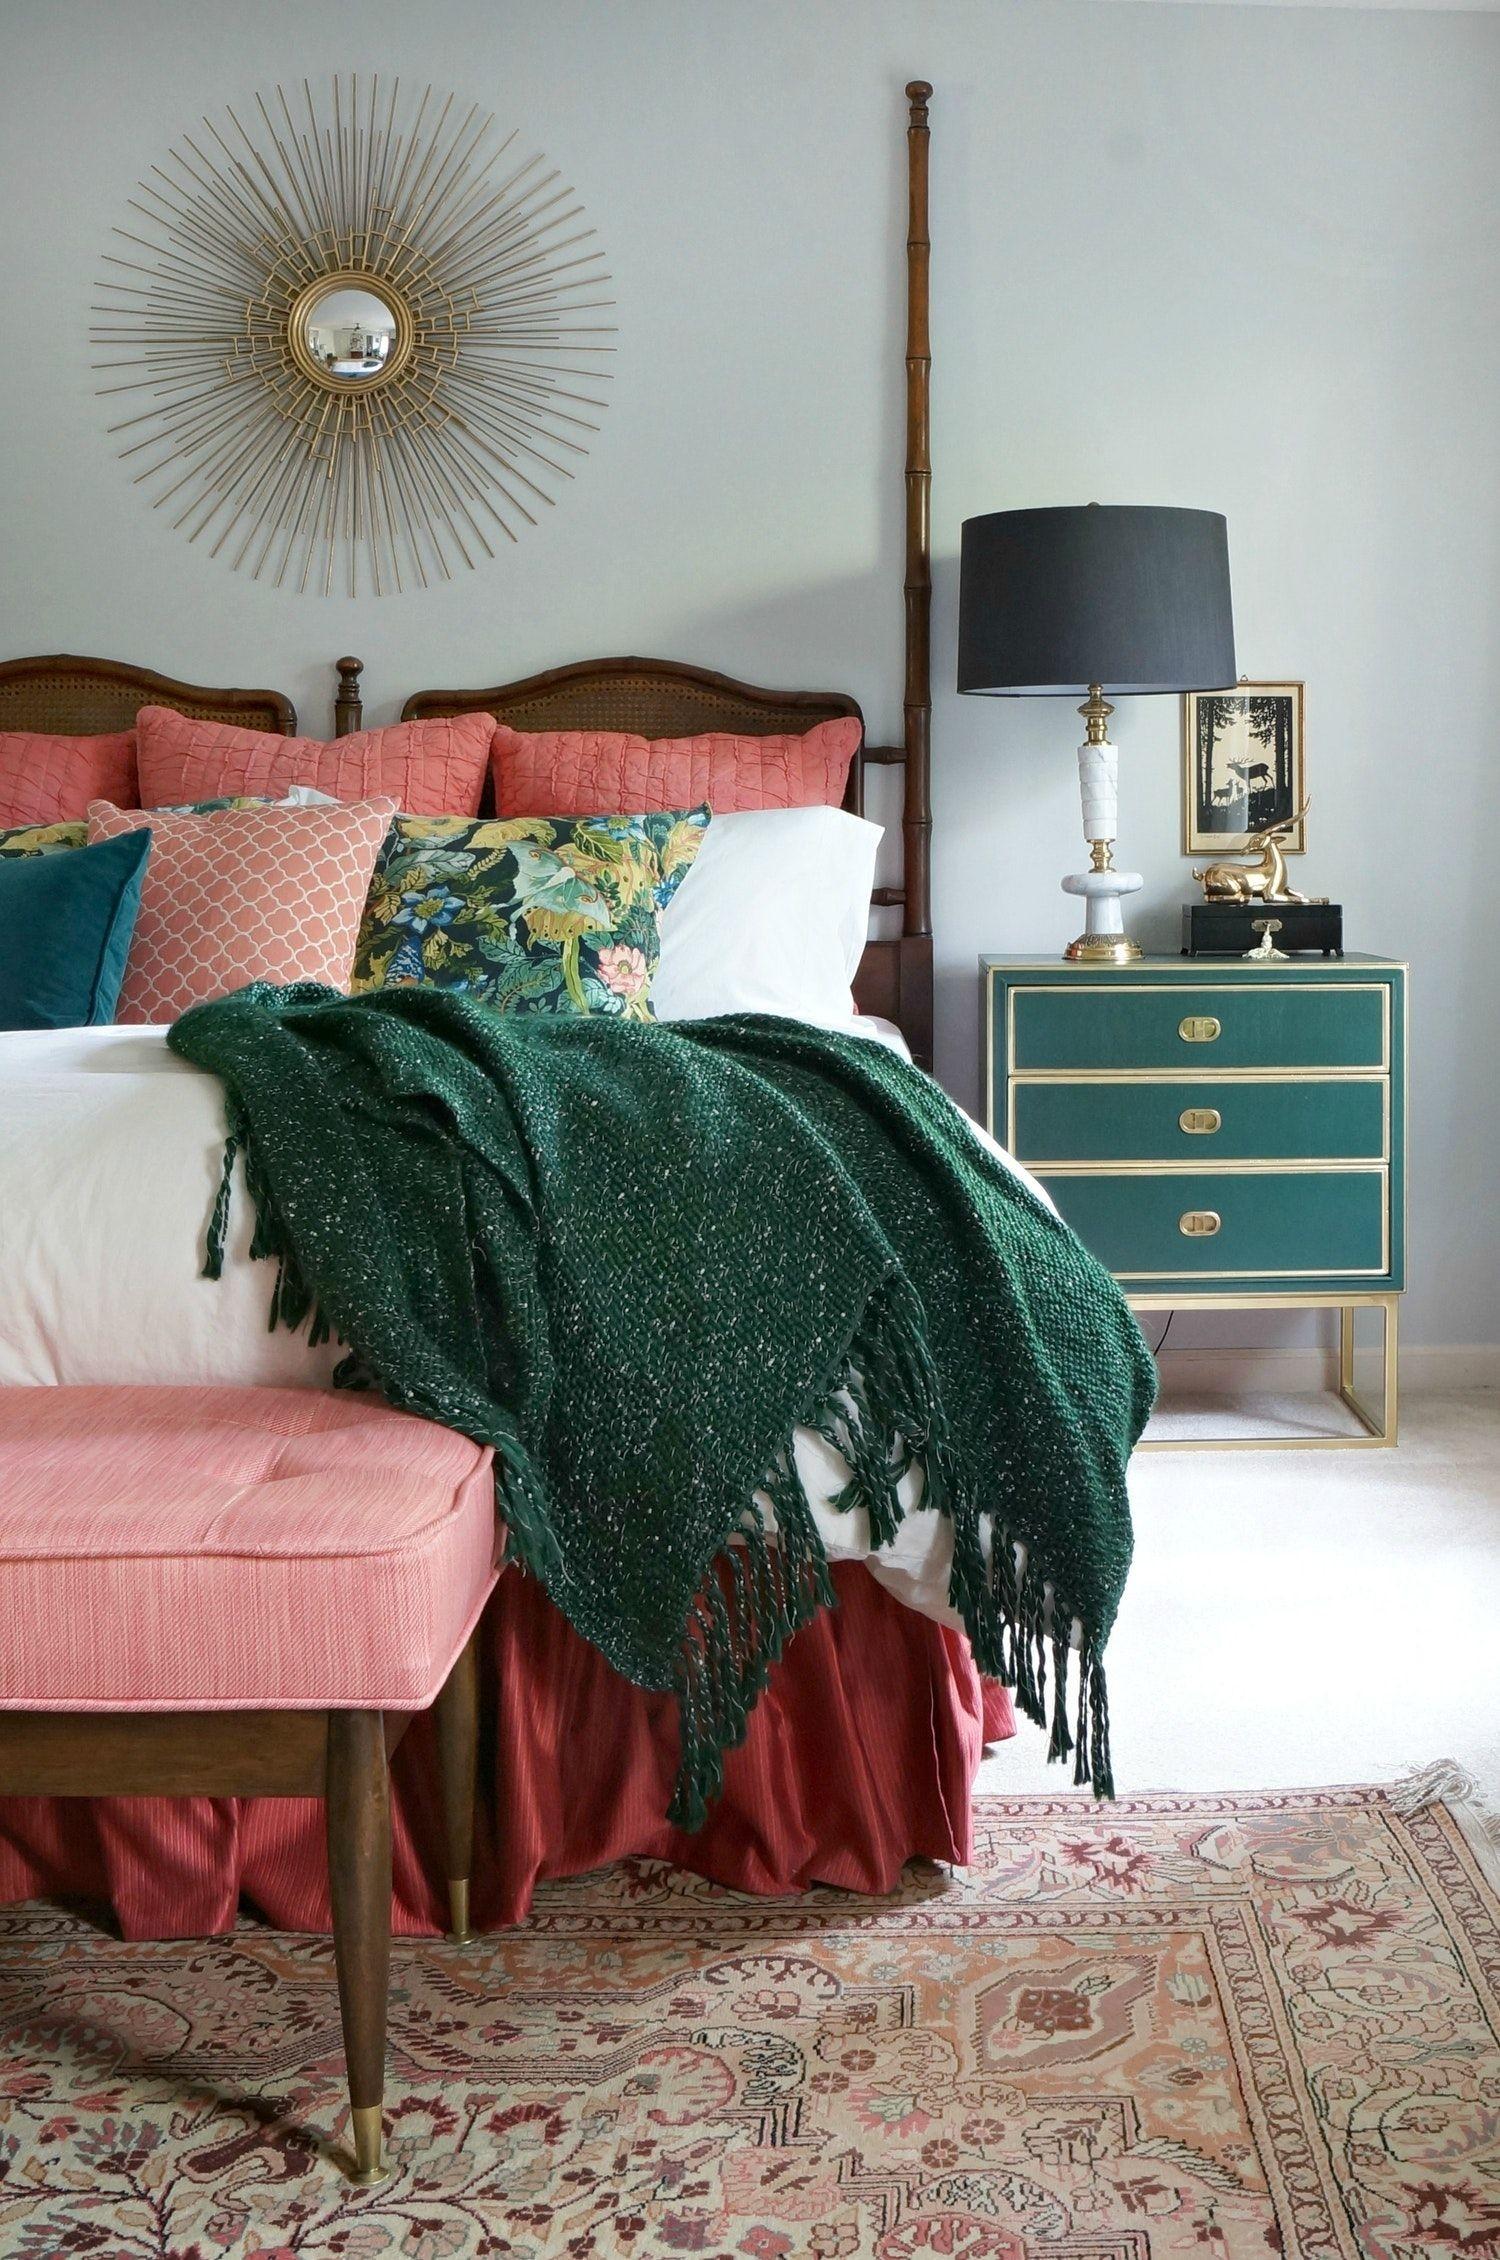 8-brilliant-jewel-tone-bedroom-decor-how-to-decorate-with-jewel-tones-red-bedding-jewel-tones-and-bedrooms.jpg